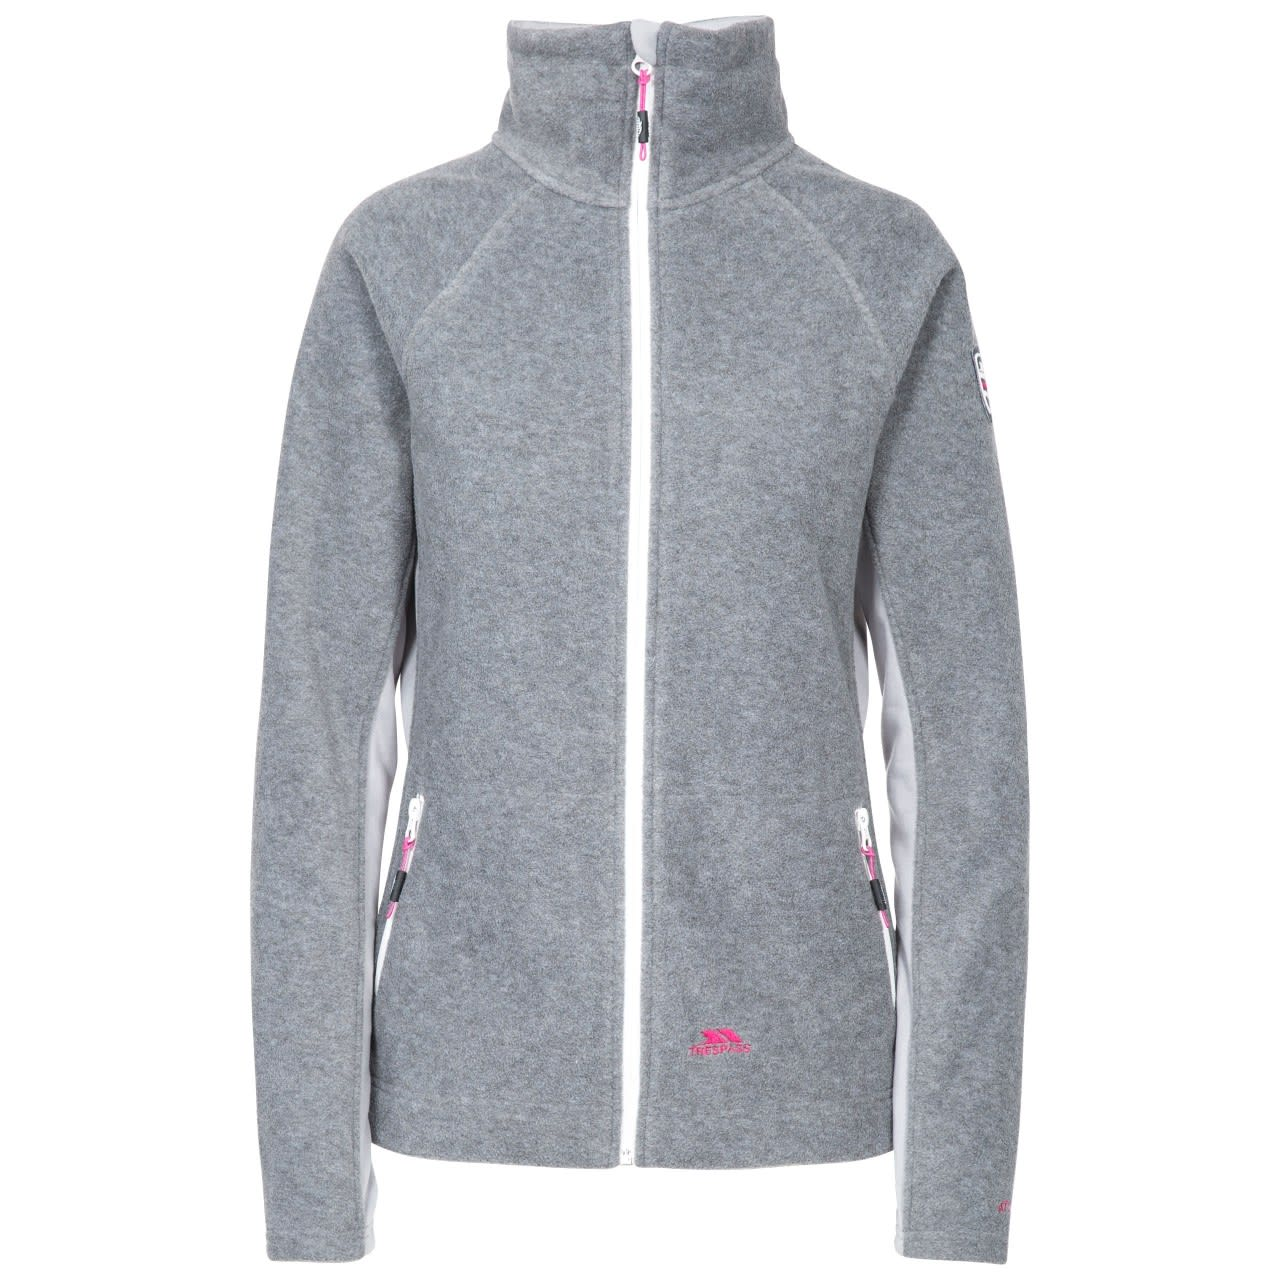 Kingsland Classic Fleece Jacket for Ladies